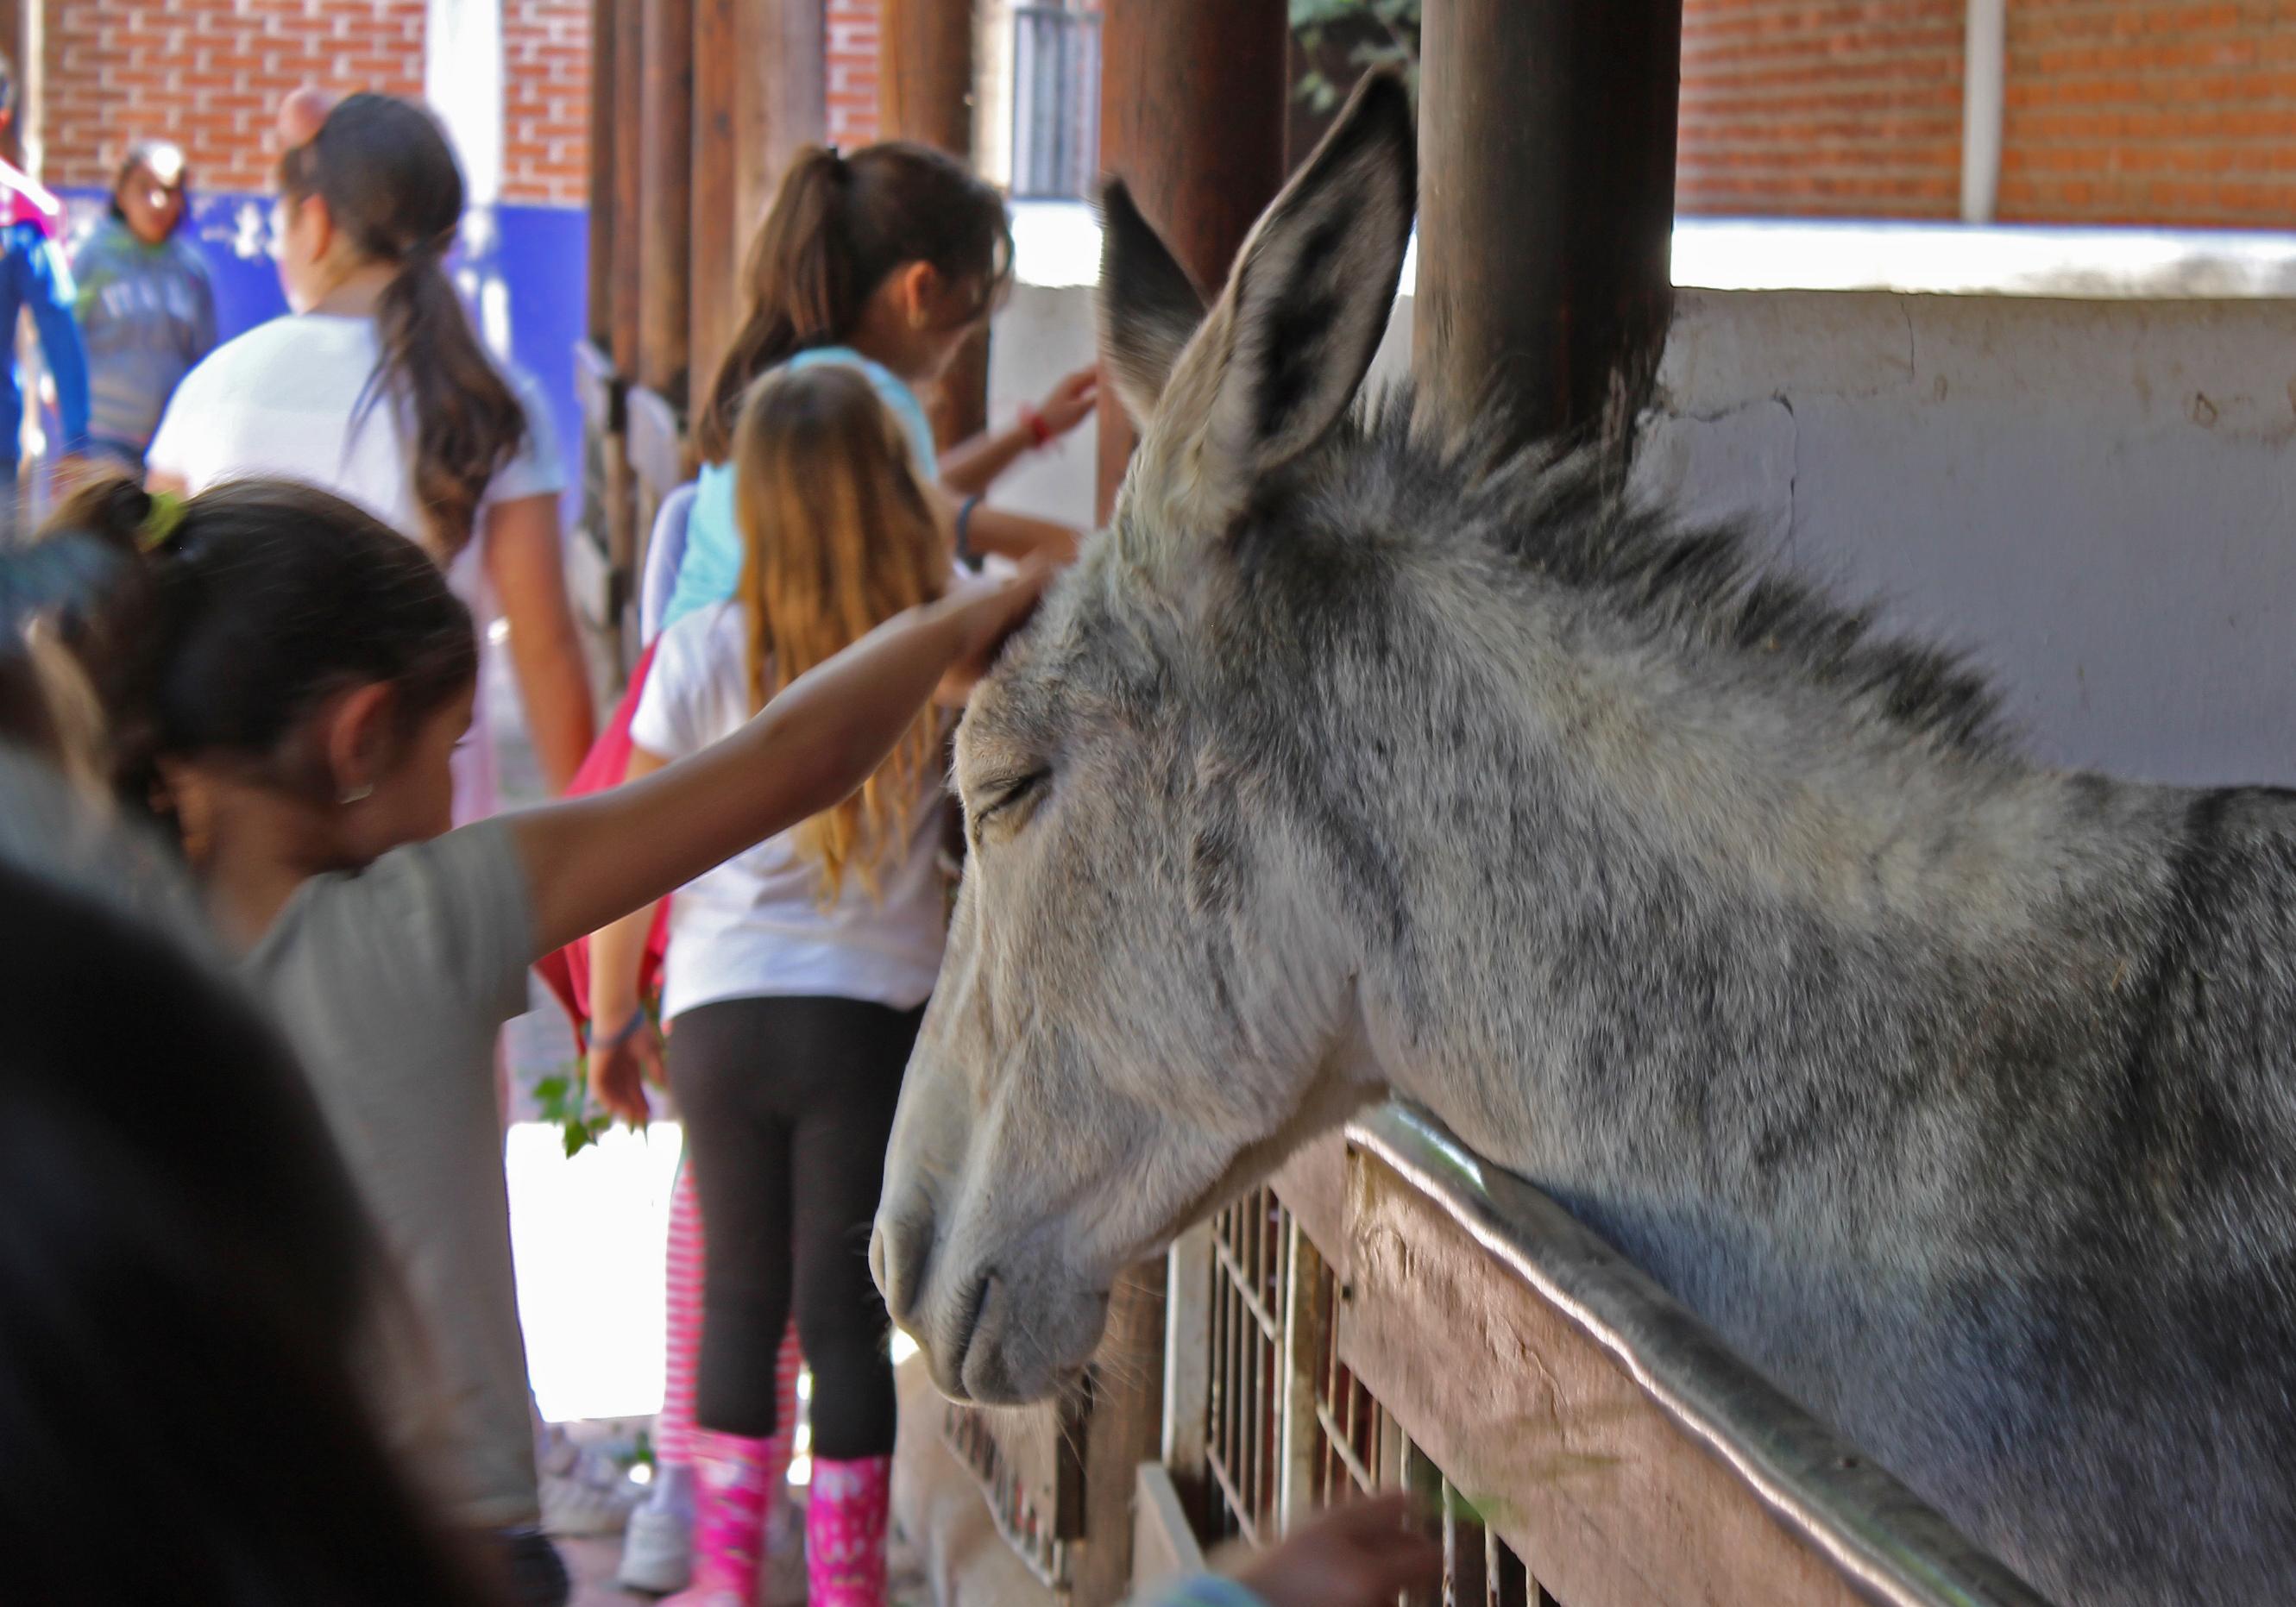 visitante acariciando a un animal en Granja Zavaleta